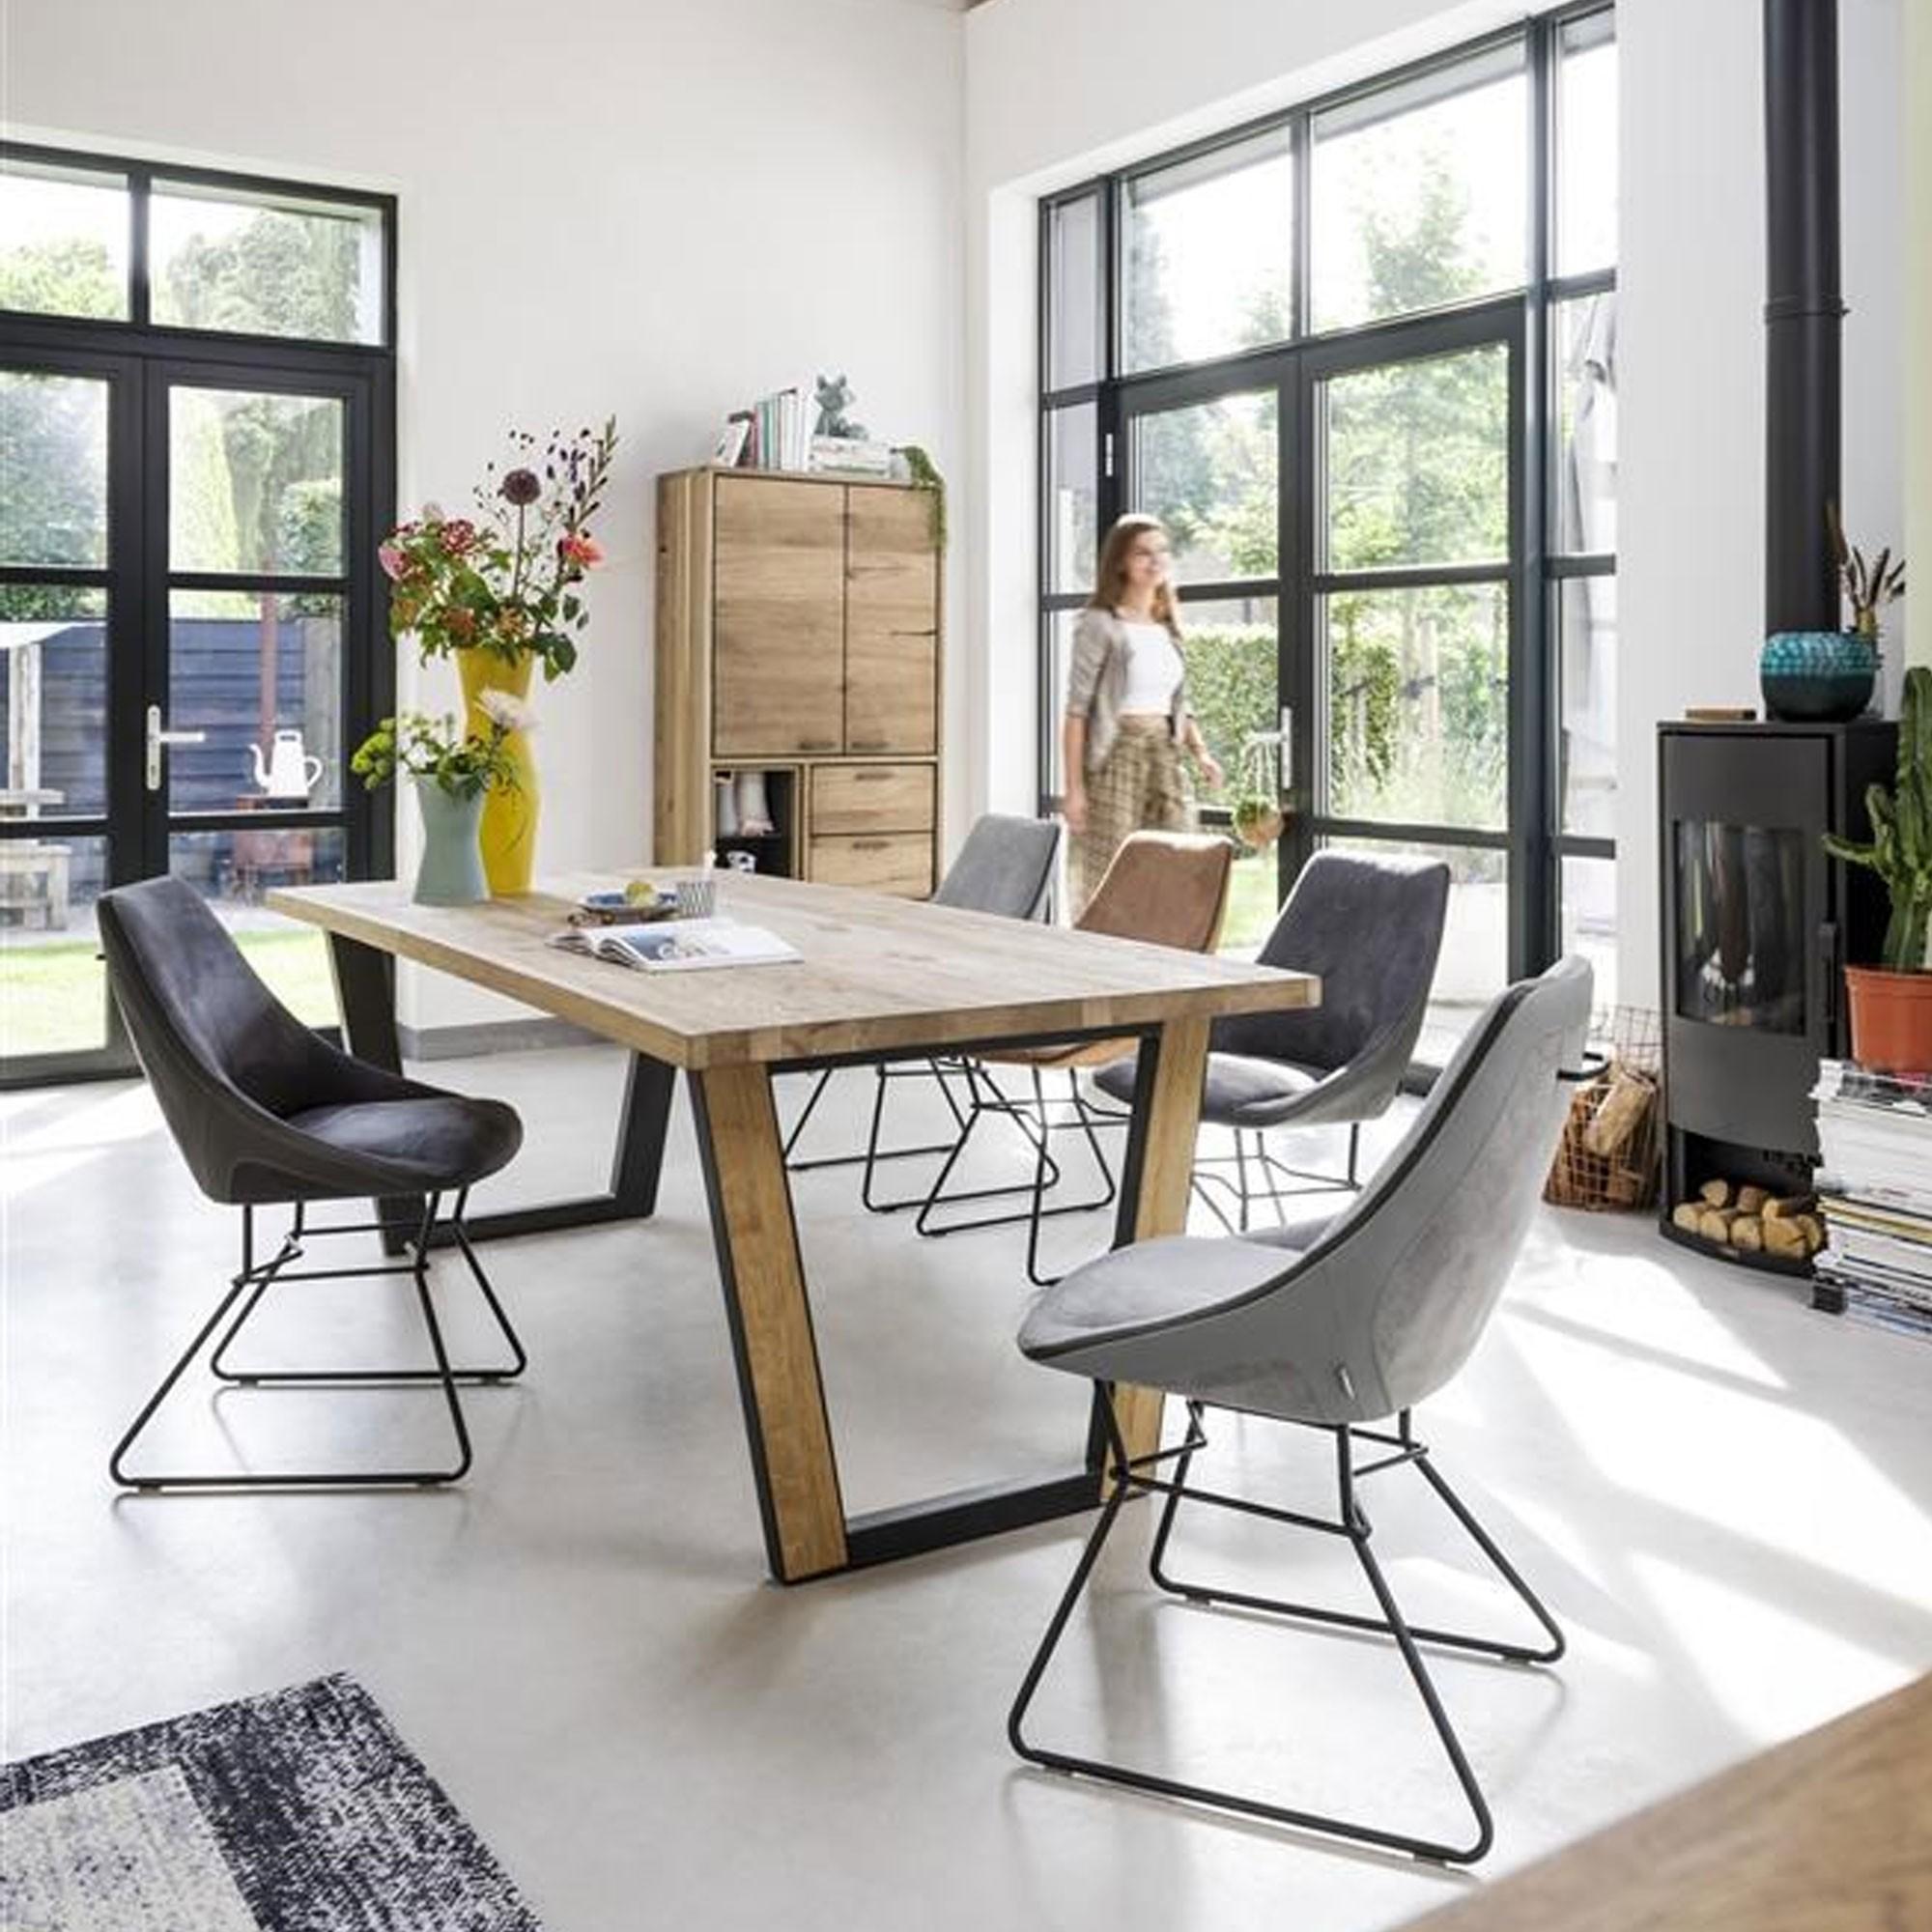 Xooon lookbook - vraag het gratis inspiratiemagazine hier aan #interieur #interieurinspiratie #design #meubels #accessoires #tafel #denmark